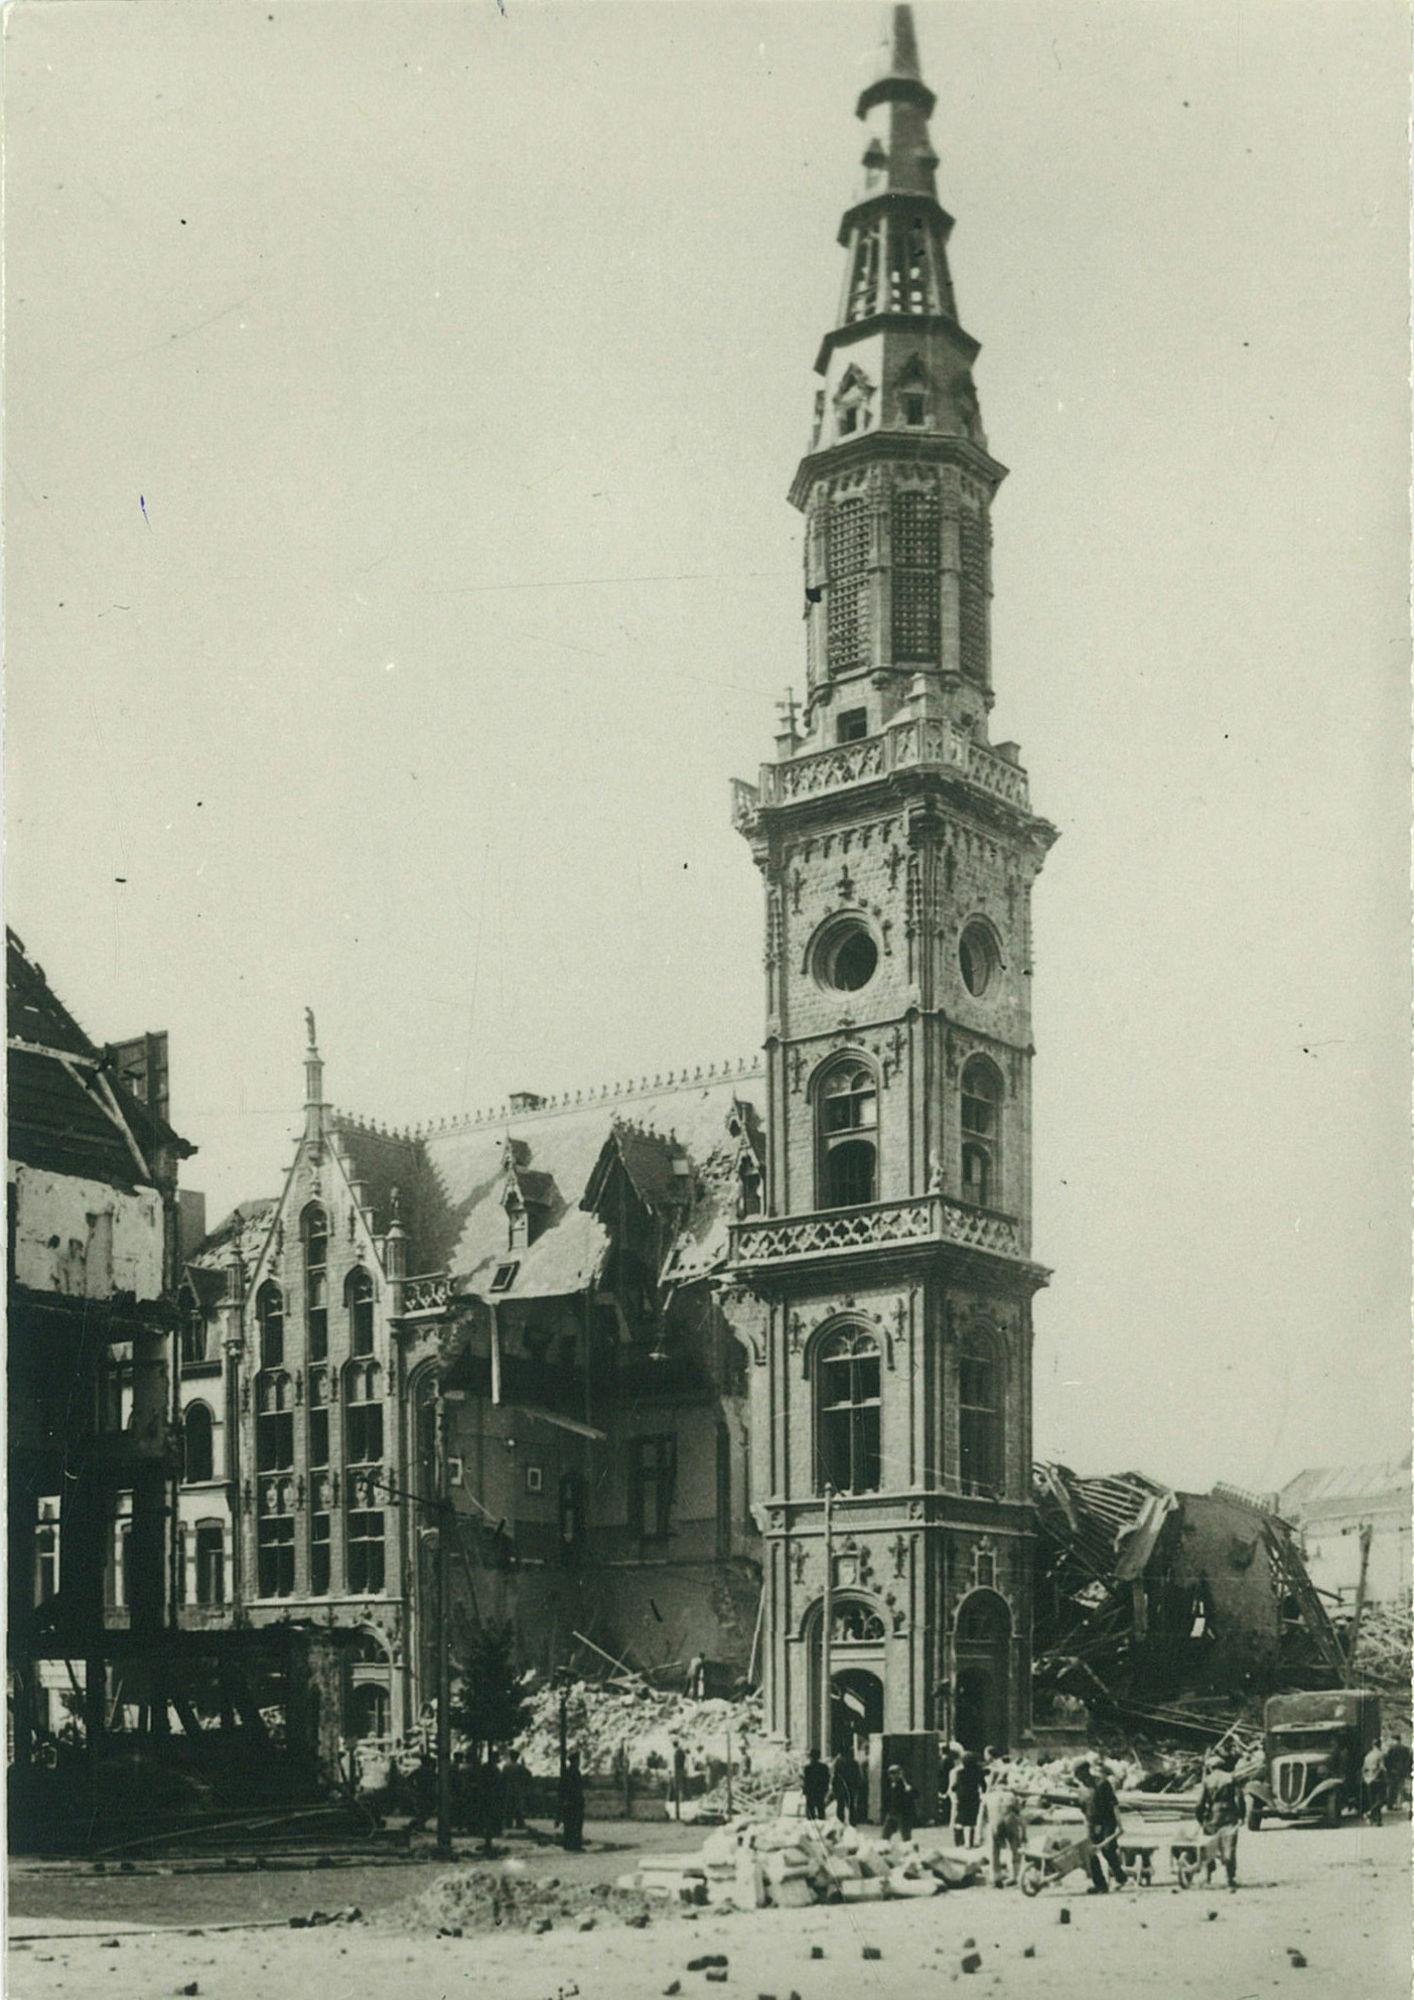 Schadebeeld postgebouw en Doorniksestraat